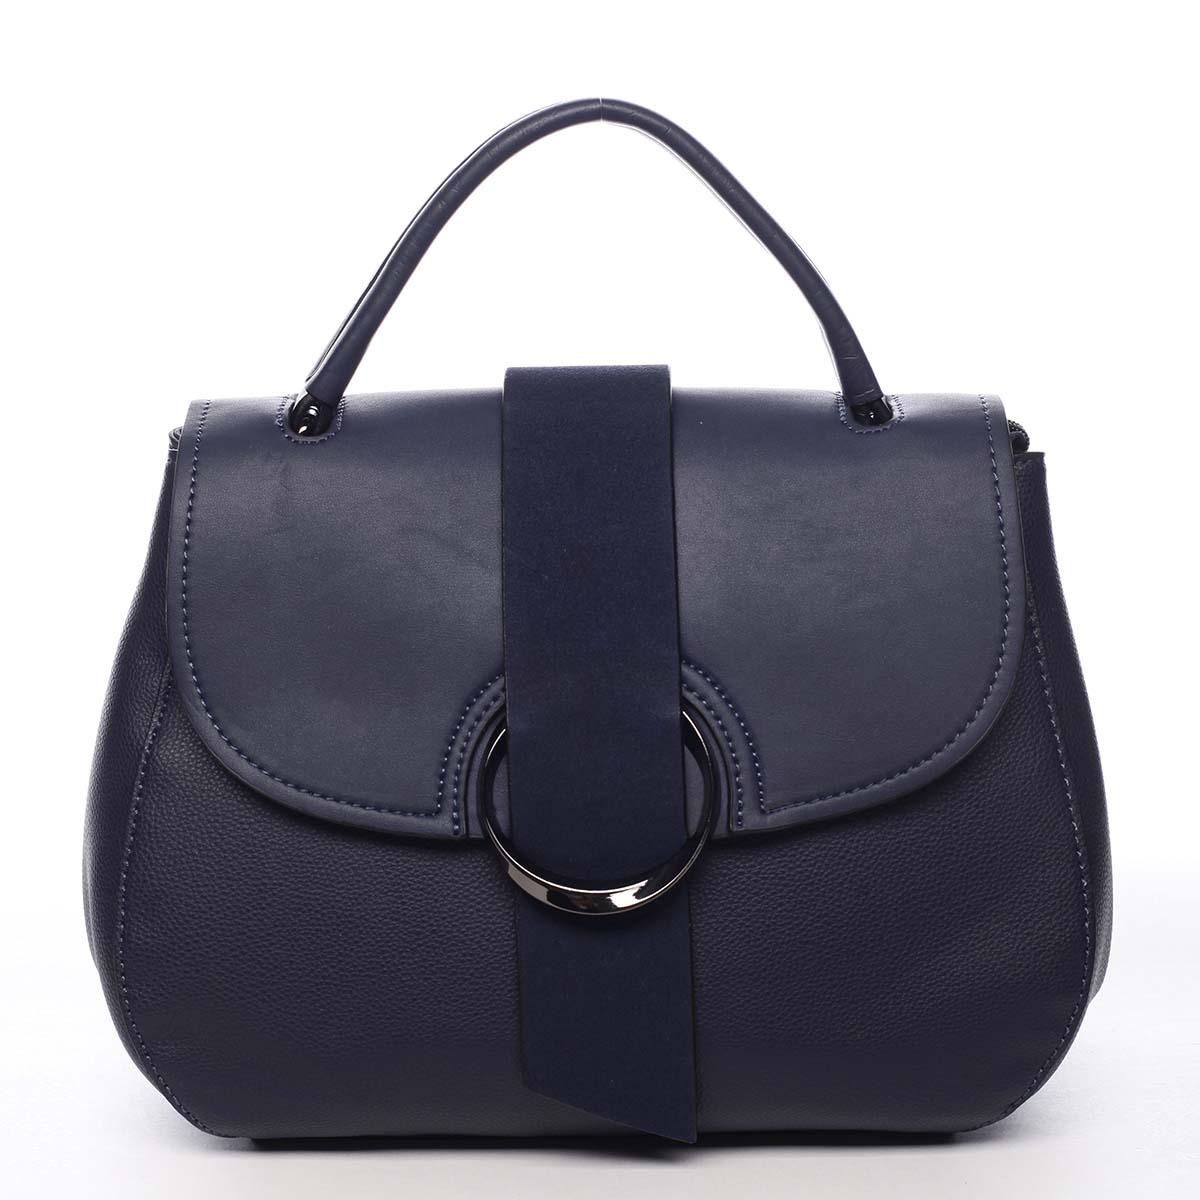 Jedinečná dámská kabelka do ruky tmavě modrá - Maria C Laurel